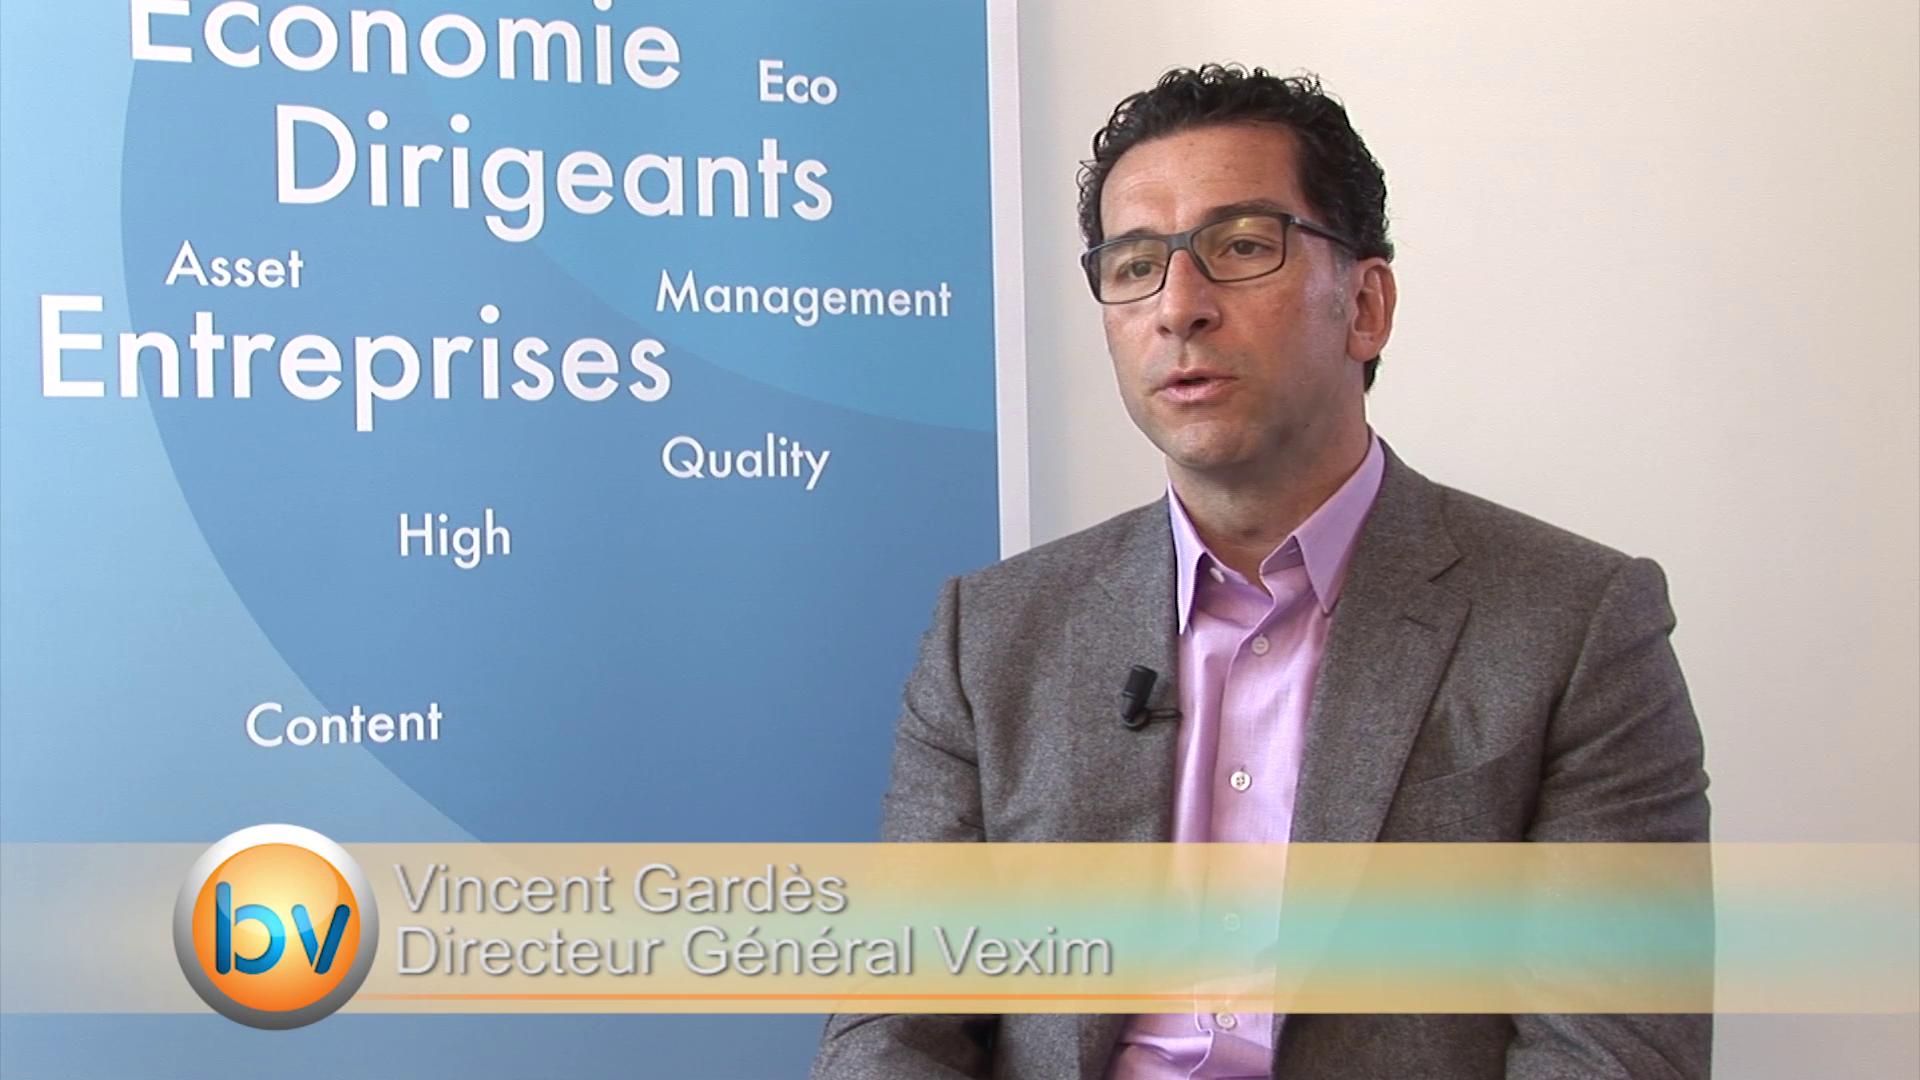 Vincent Gardès Directeur Général Vexim : «Nous aurons 10% de parts de marchés en Europe cette année»